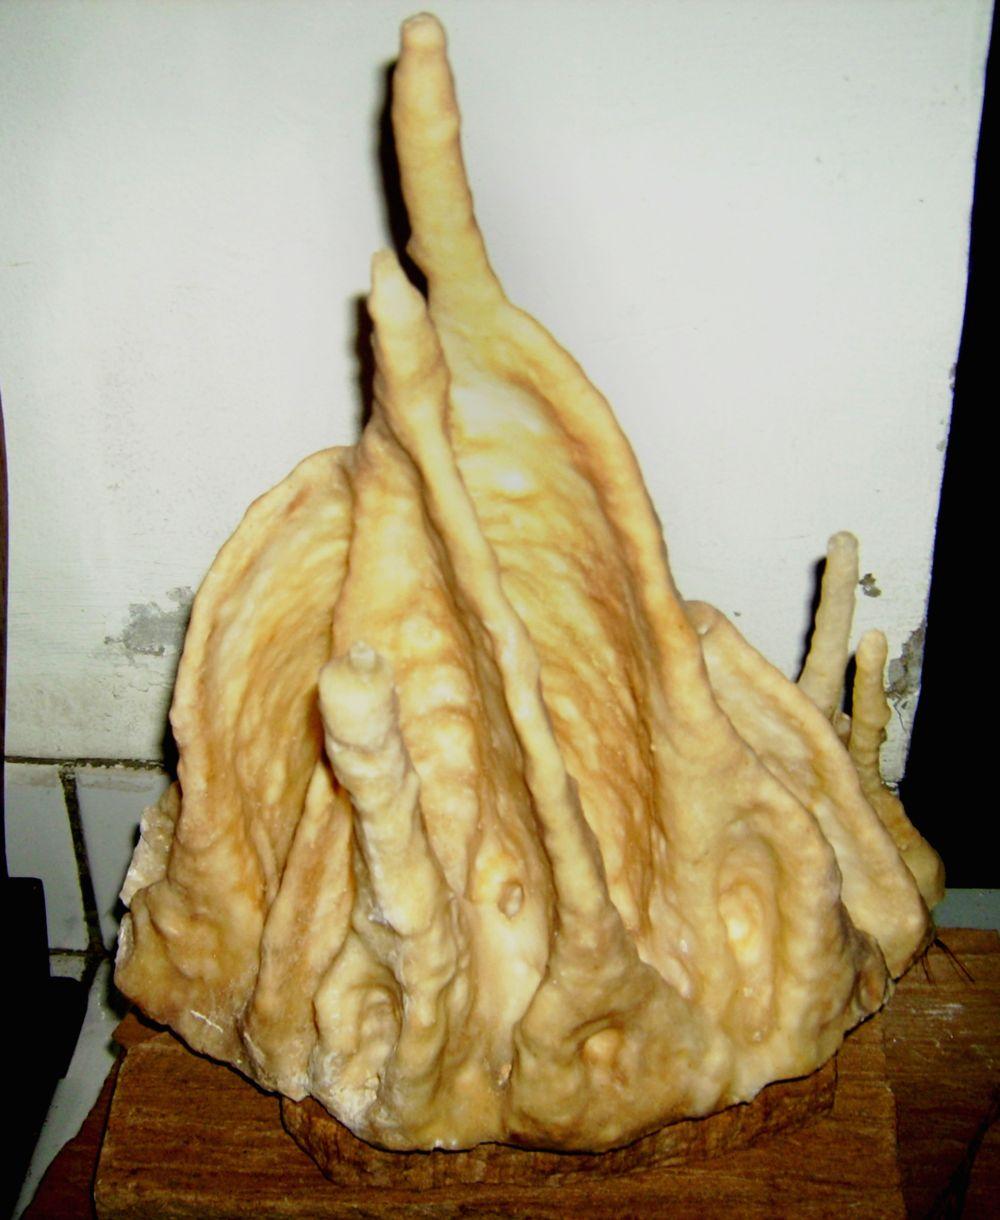 Gambar keenam adalah jenis batu kapur stalaktit, yang diperoleh dari